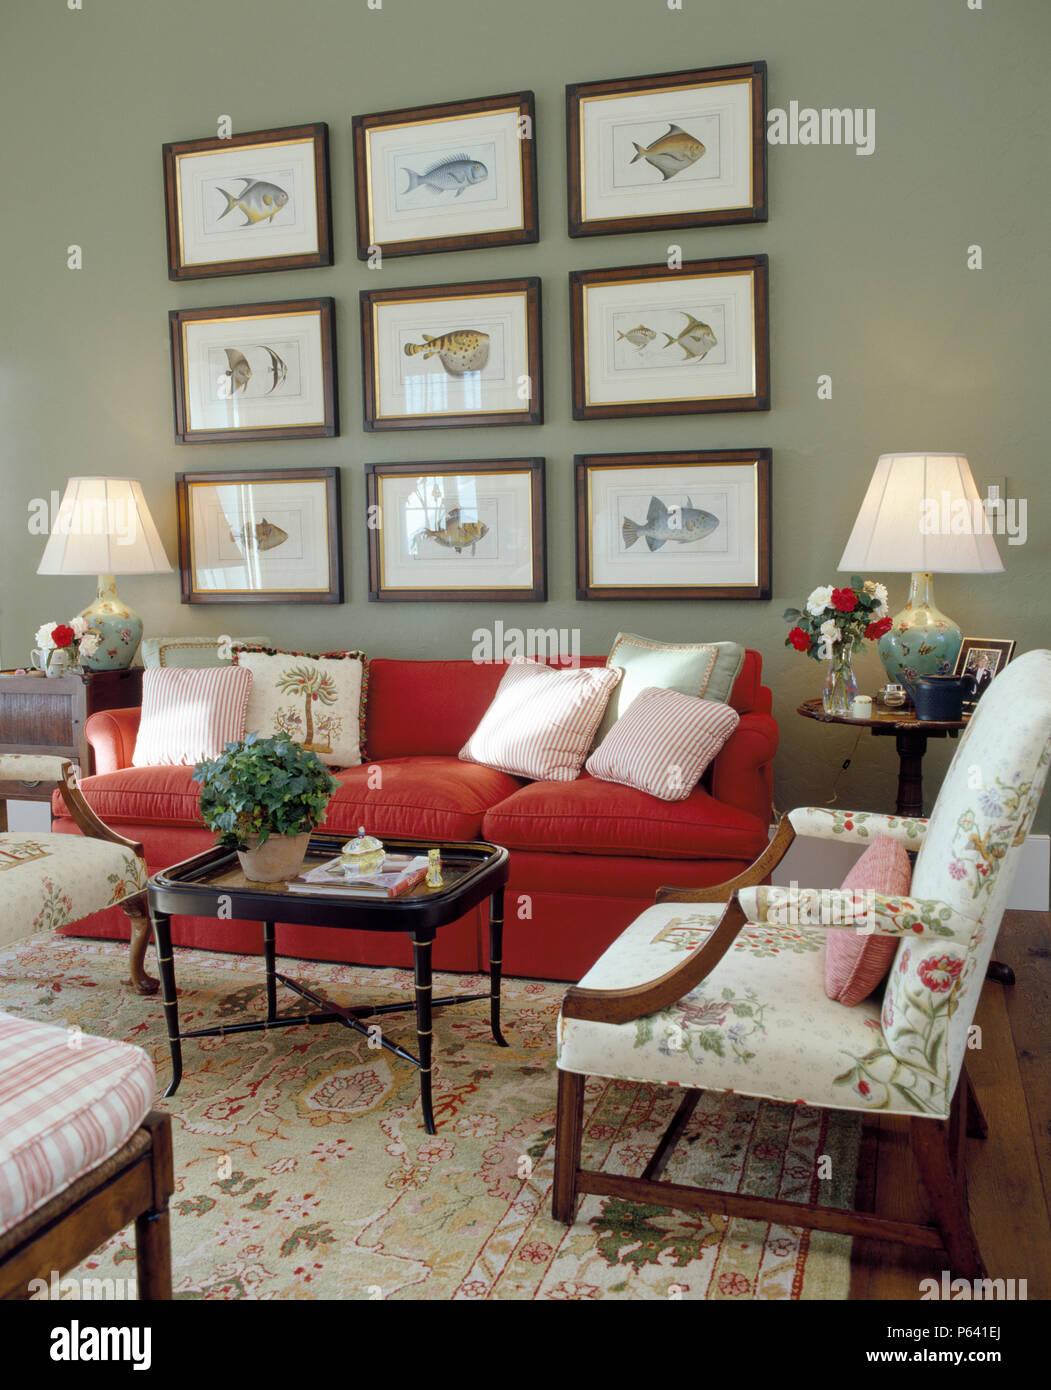 Divano Rosso E Grigio gruppo di stampe di pesce al di sopra di divano rosso in